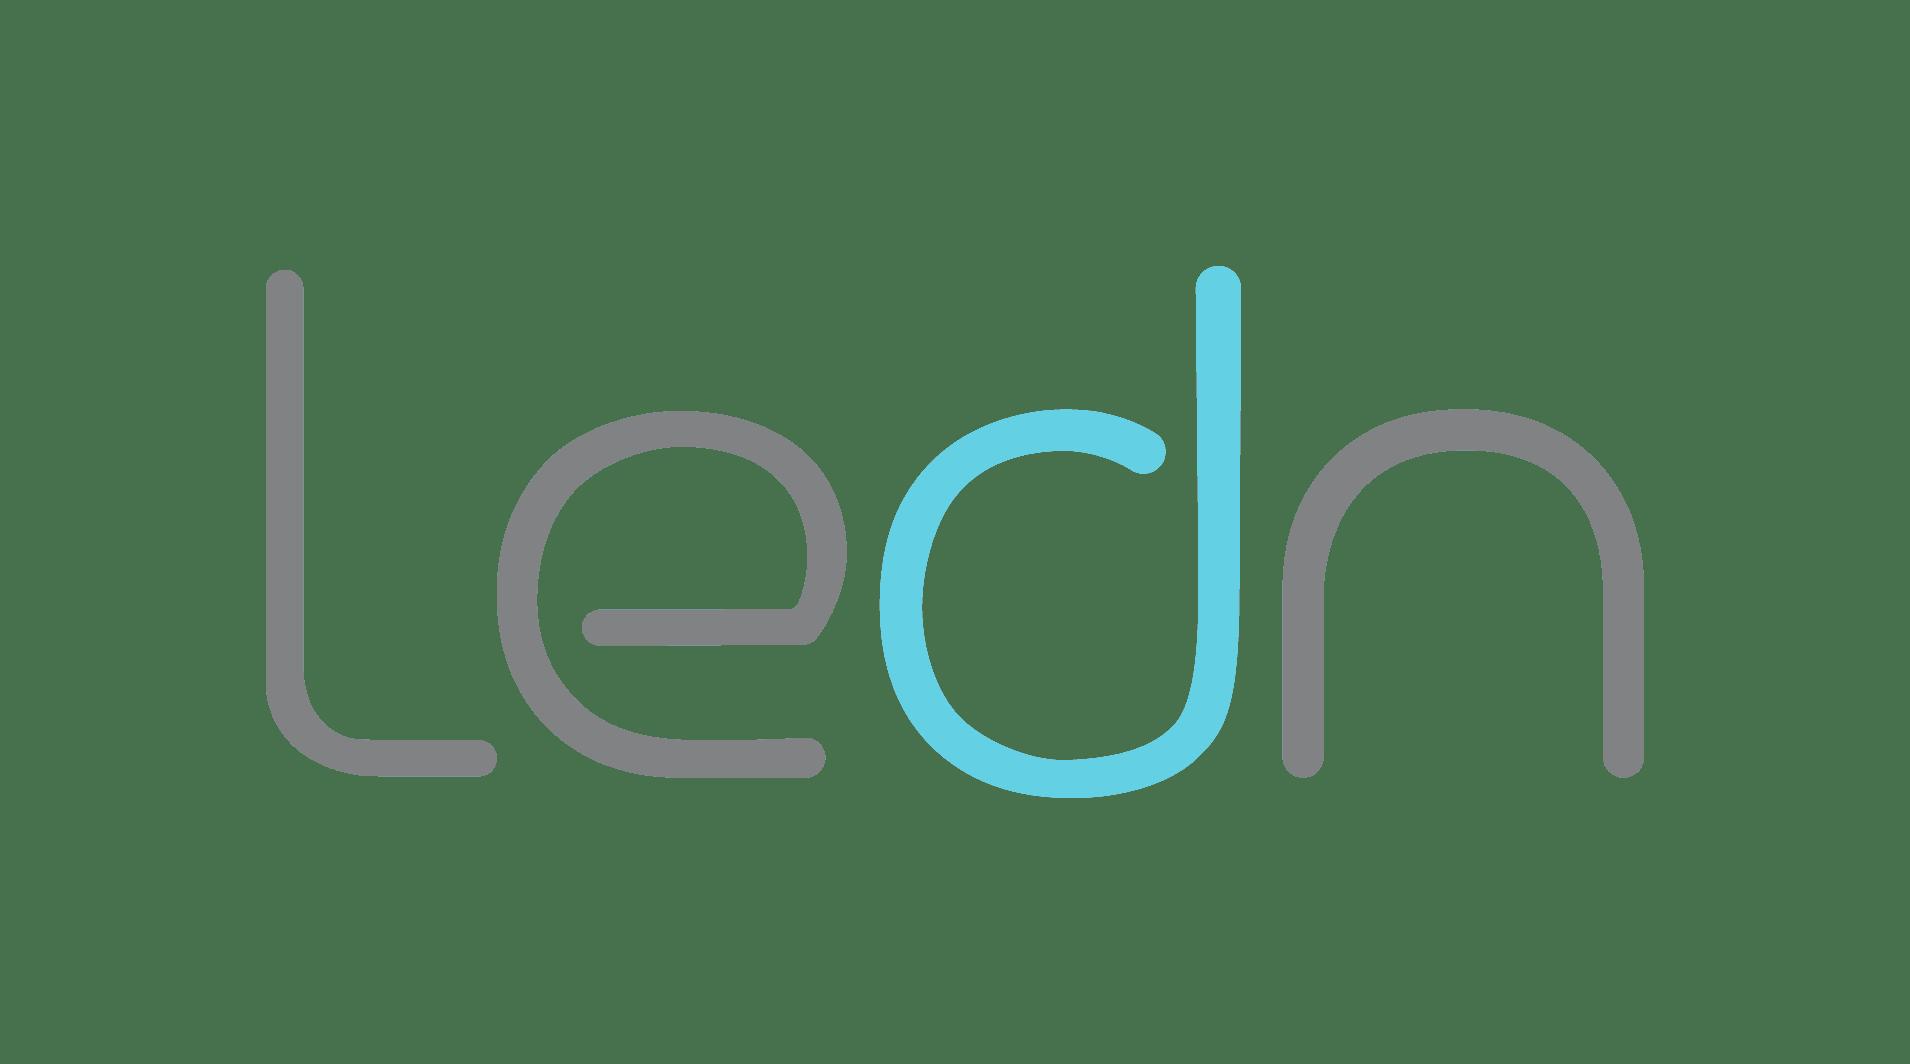 Logotipo de Ledn